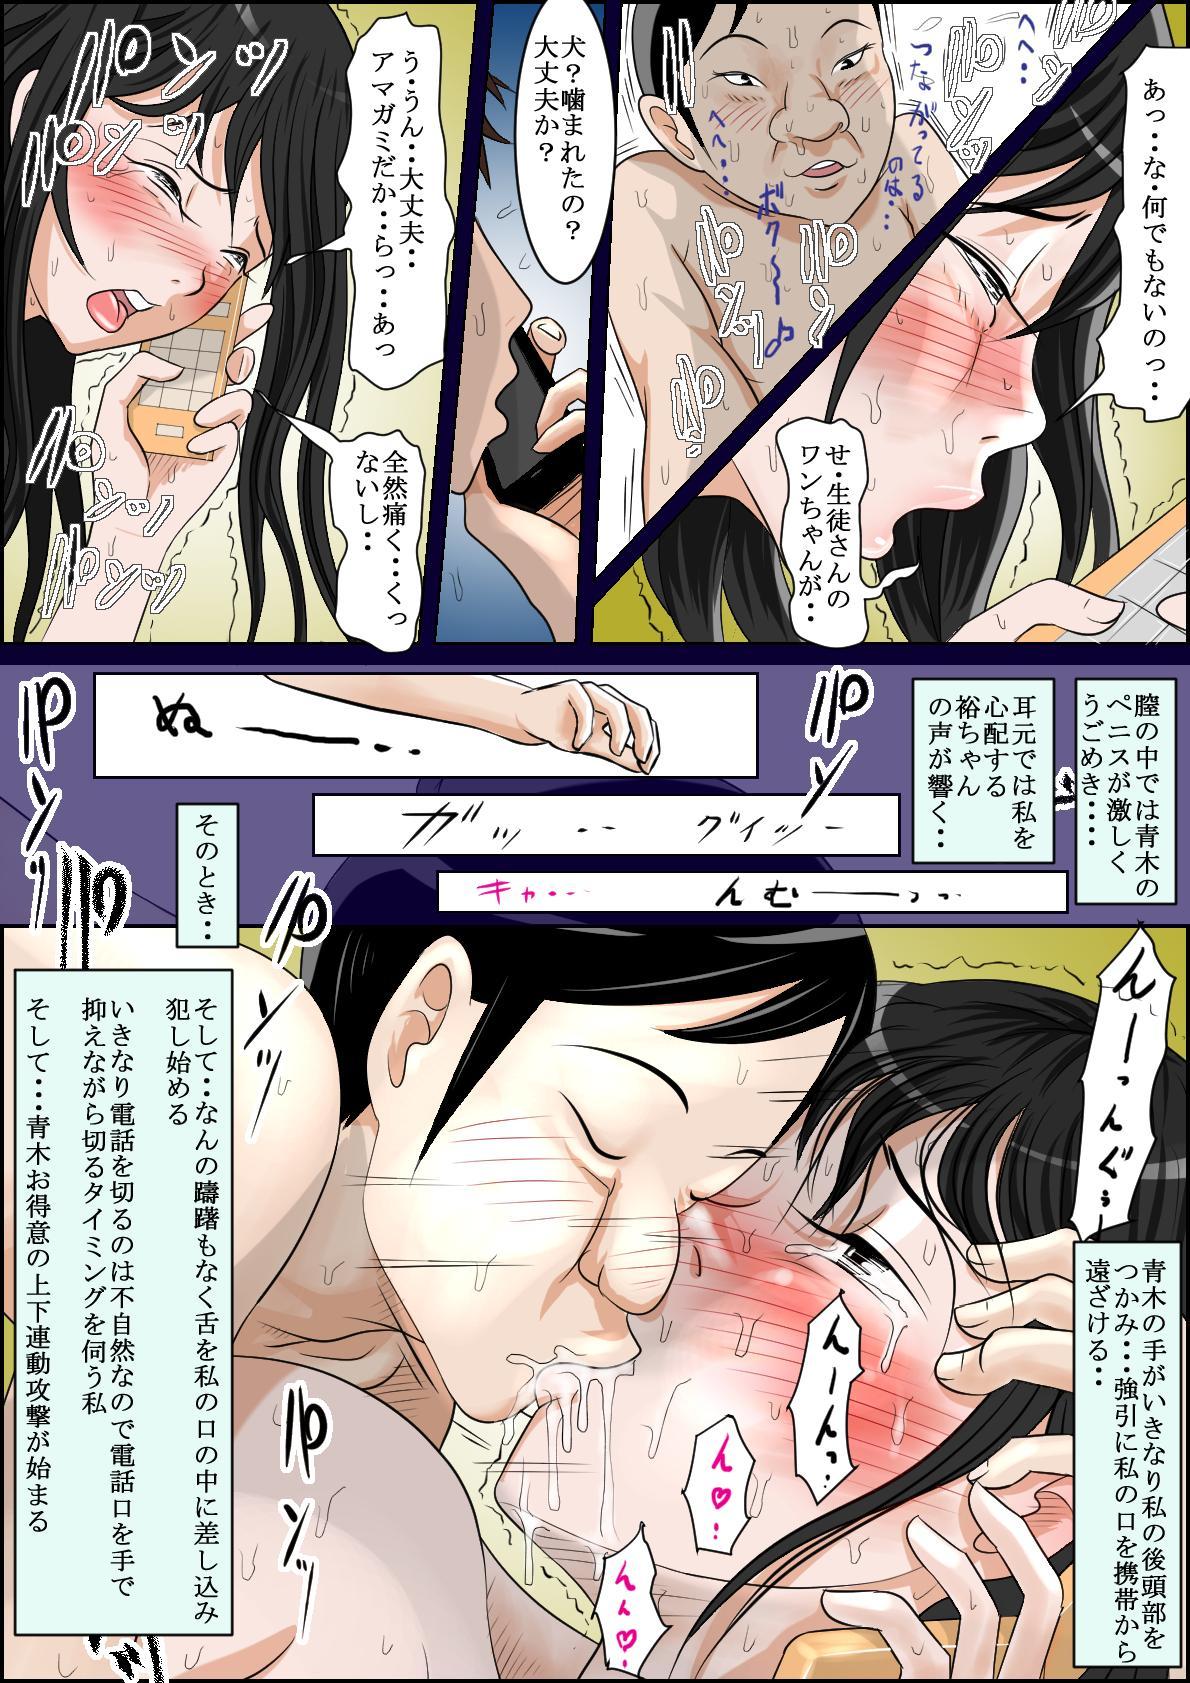 Aa, Senpai no Oniku, Yappa Yawarakaissu Vol. 6 37